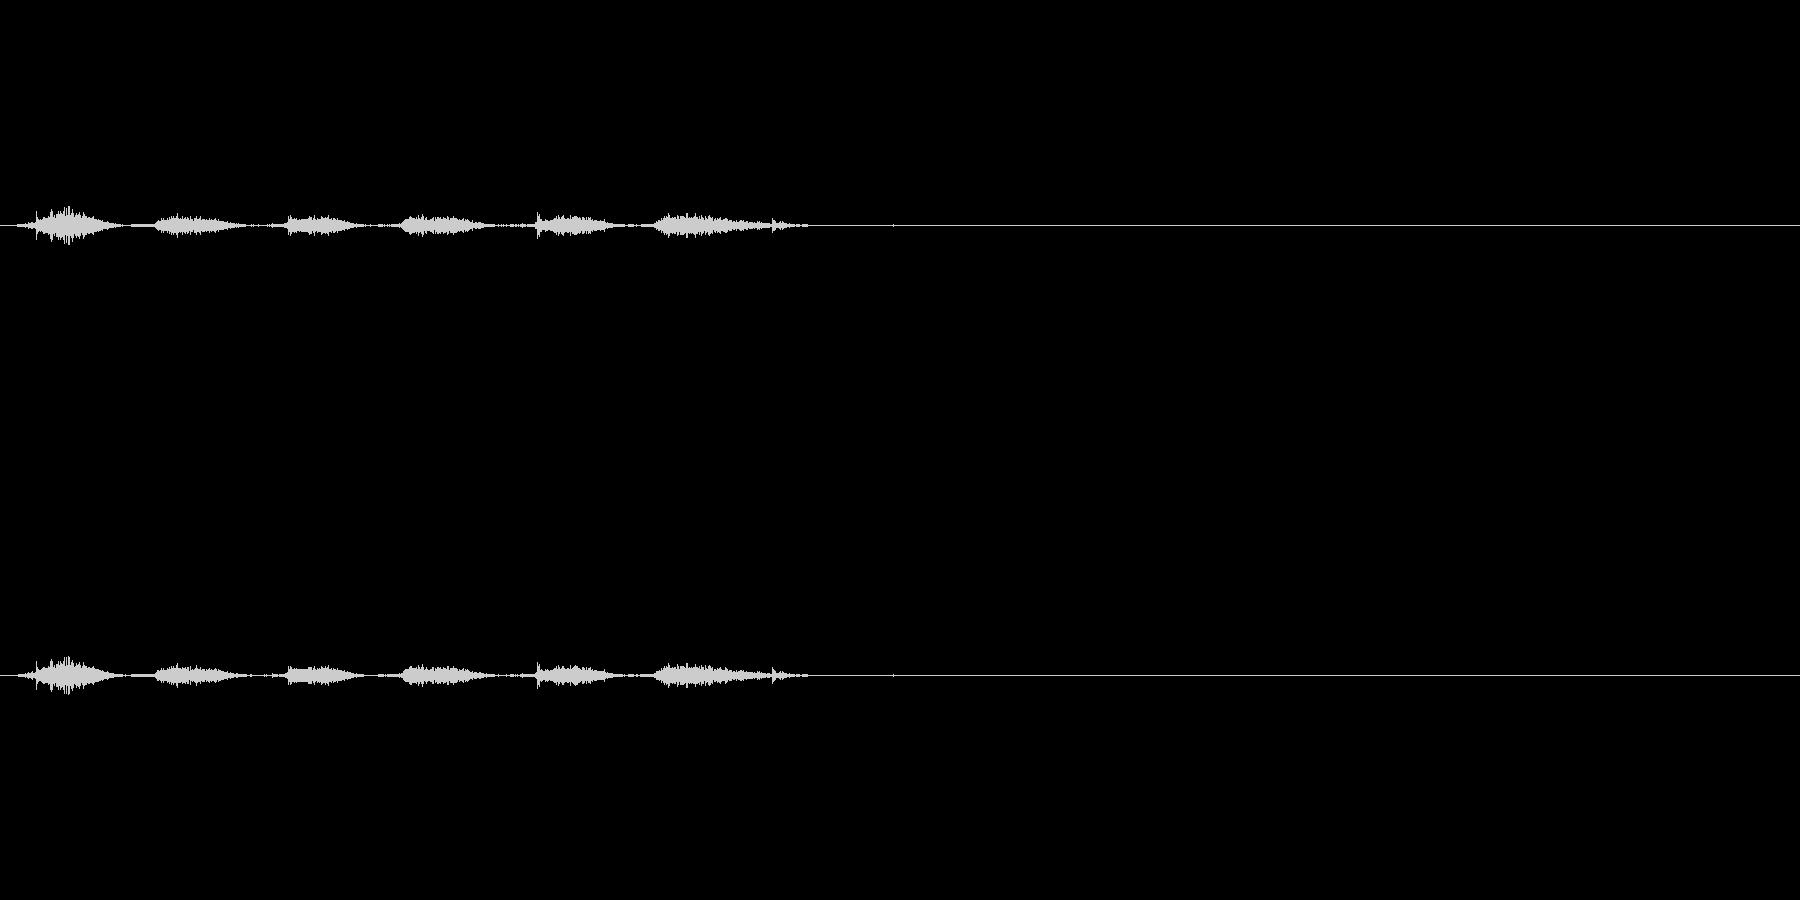 チェックボックスオフ(消しゴム)_01の未再生の波形